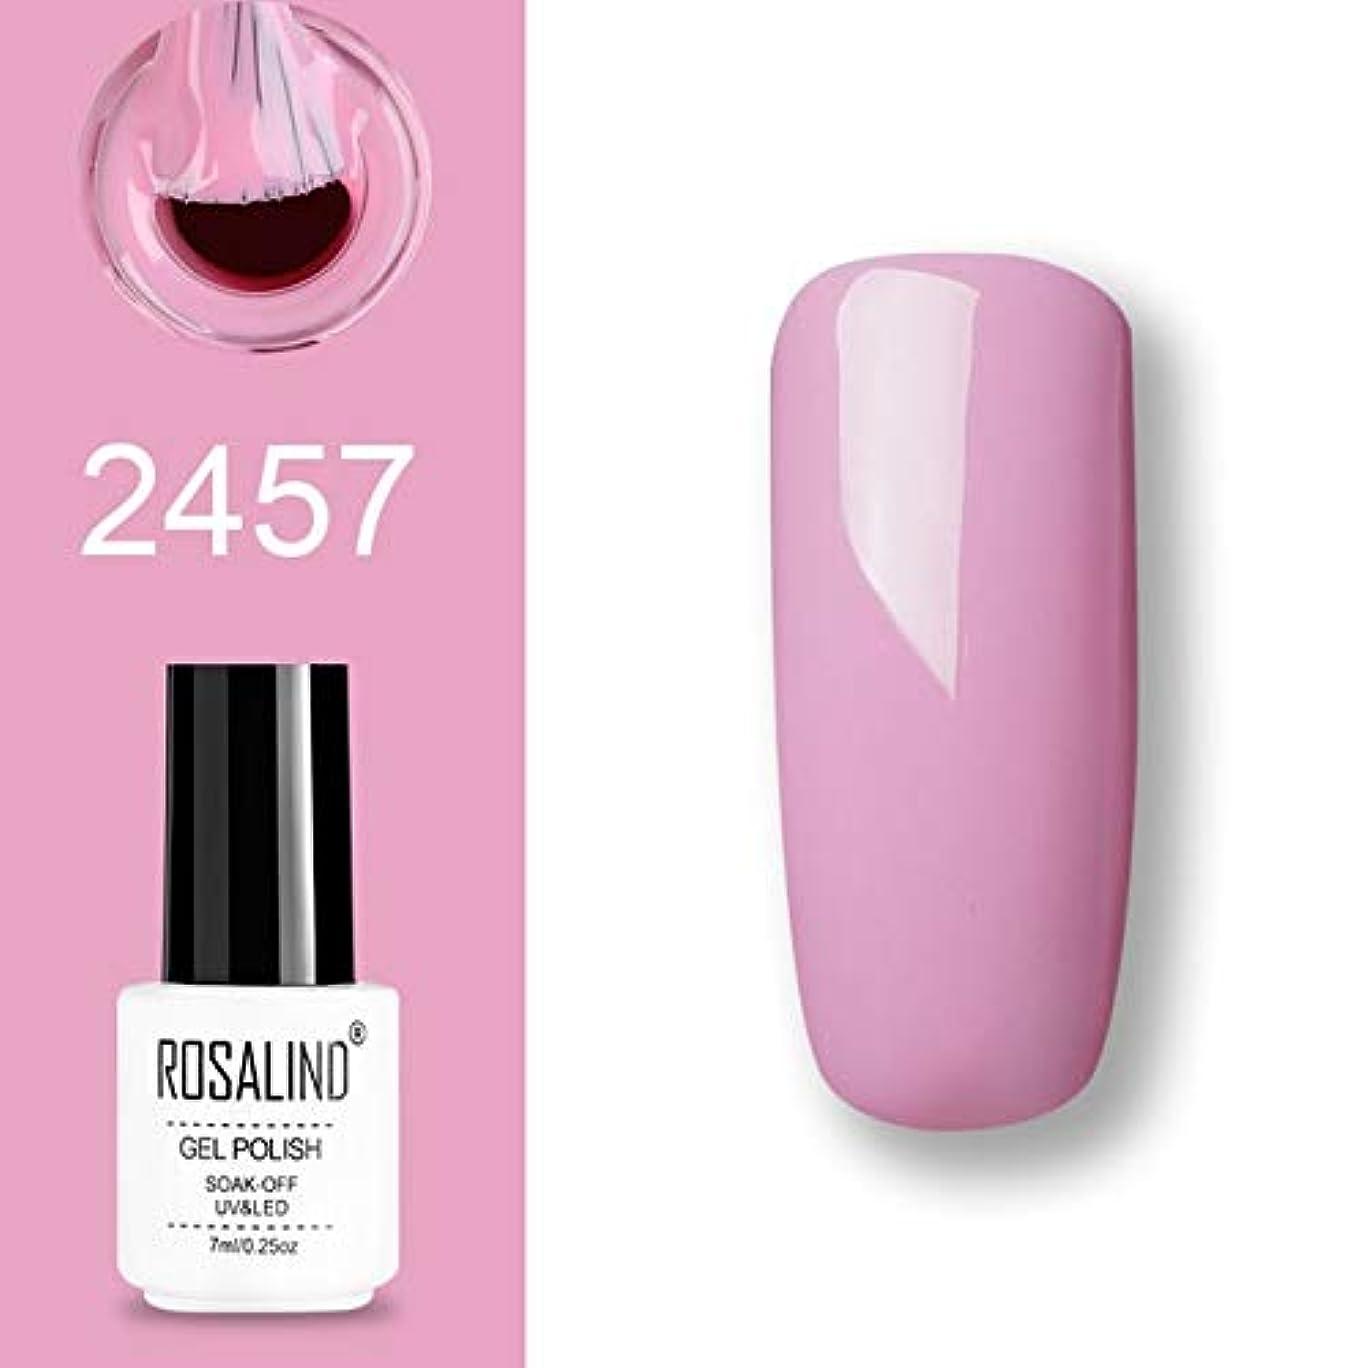 虐殺ハイランド理論的ファッションアイテム ROSALINDジェルポリッシュセットUVセミパーマネントプライマートップコートポリジェルニスネイルアートマニキュアジェル、ピンク、容量:7ml 2457。 環境に優しいマニキュア